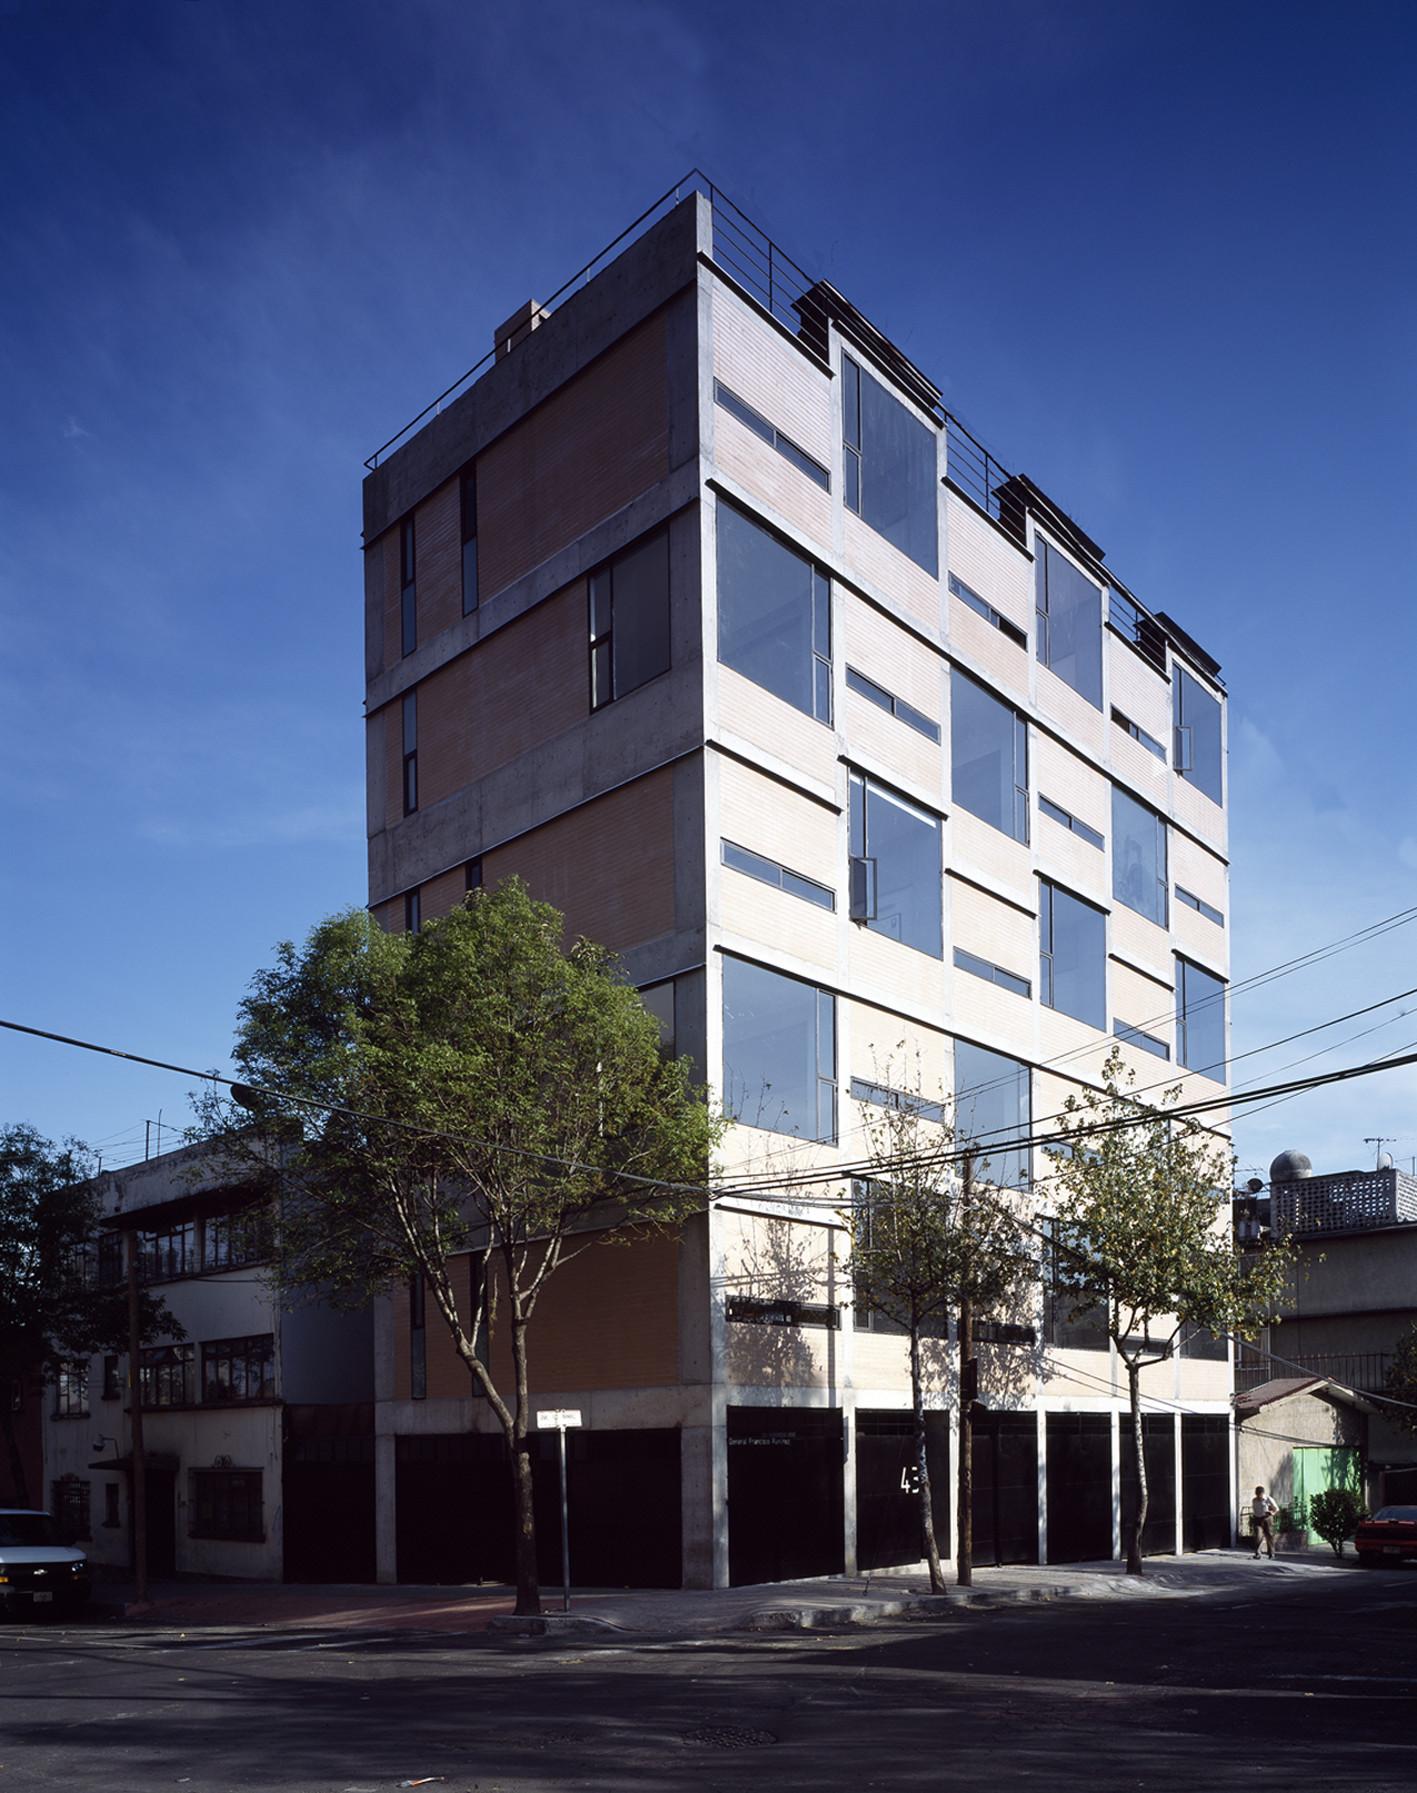 Fr43 alter arquitectura plataforma arquitectura for Plataforma arquitectura